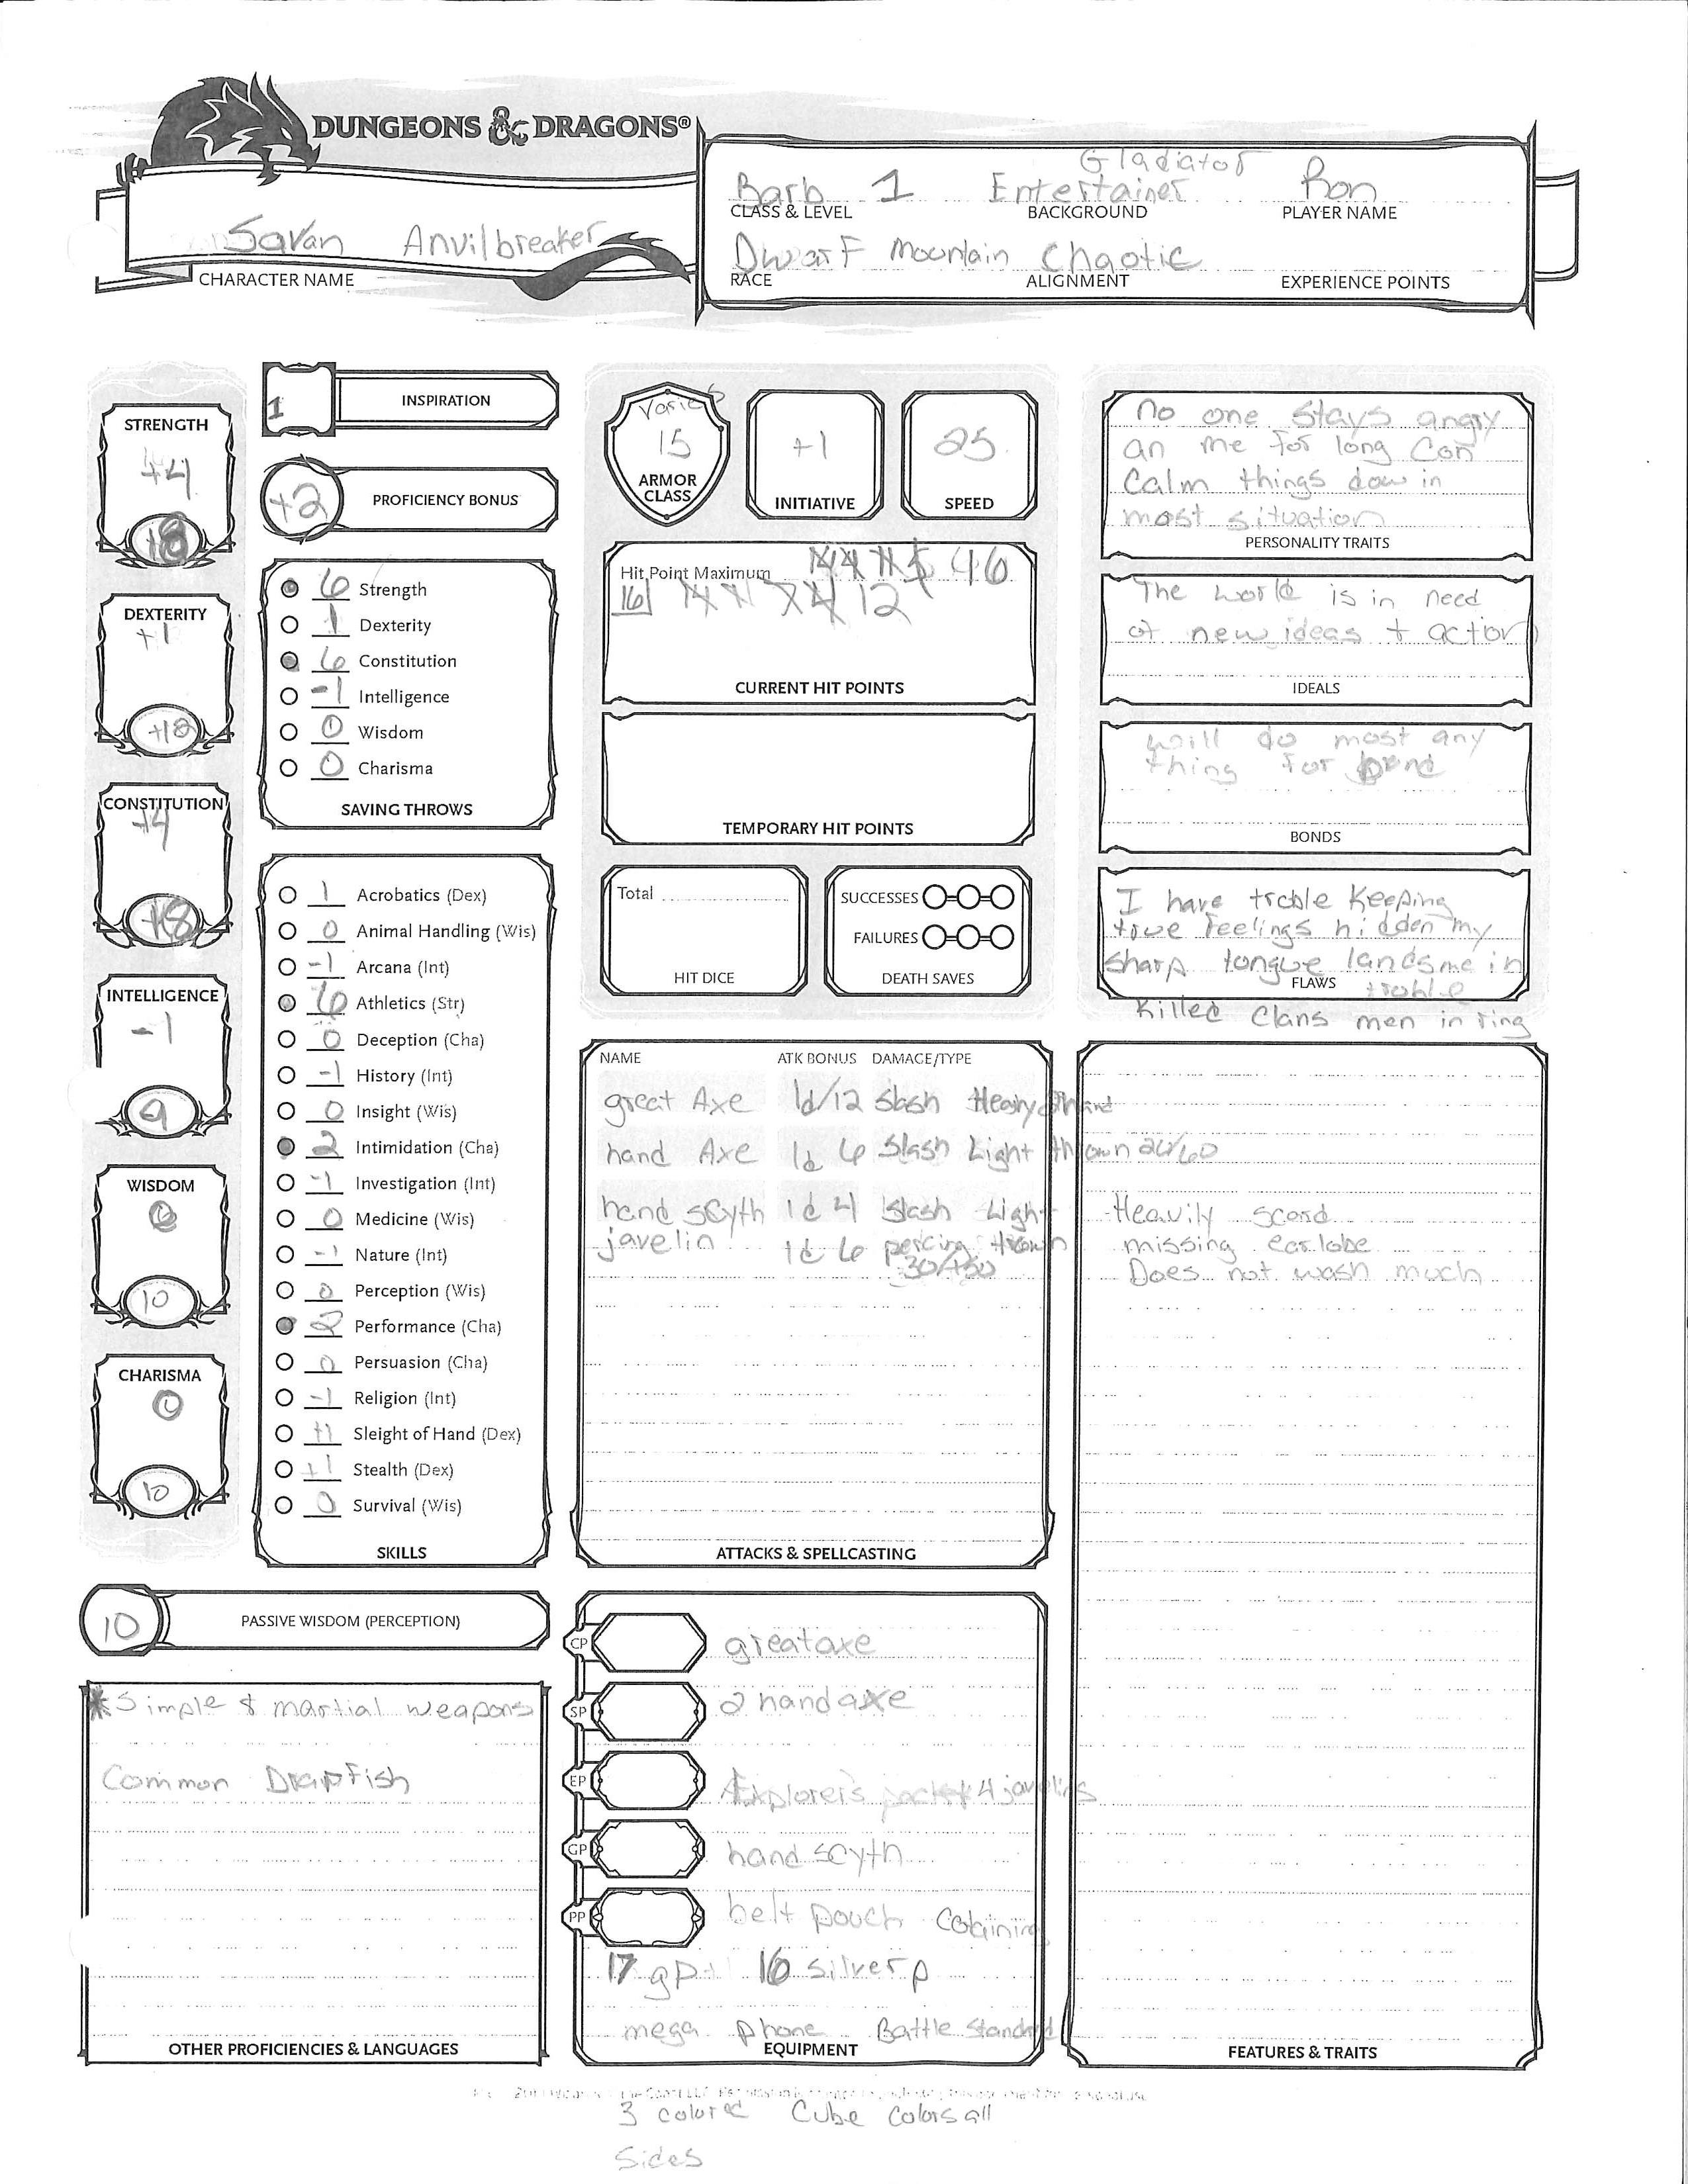 Savan_Anvilbreaker_Character_Sheet-page-0.jpg